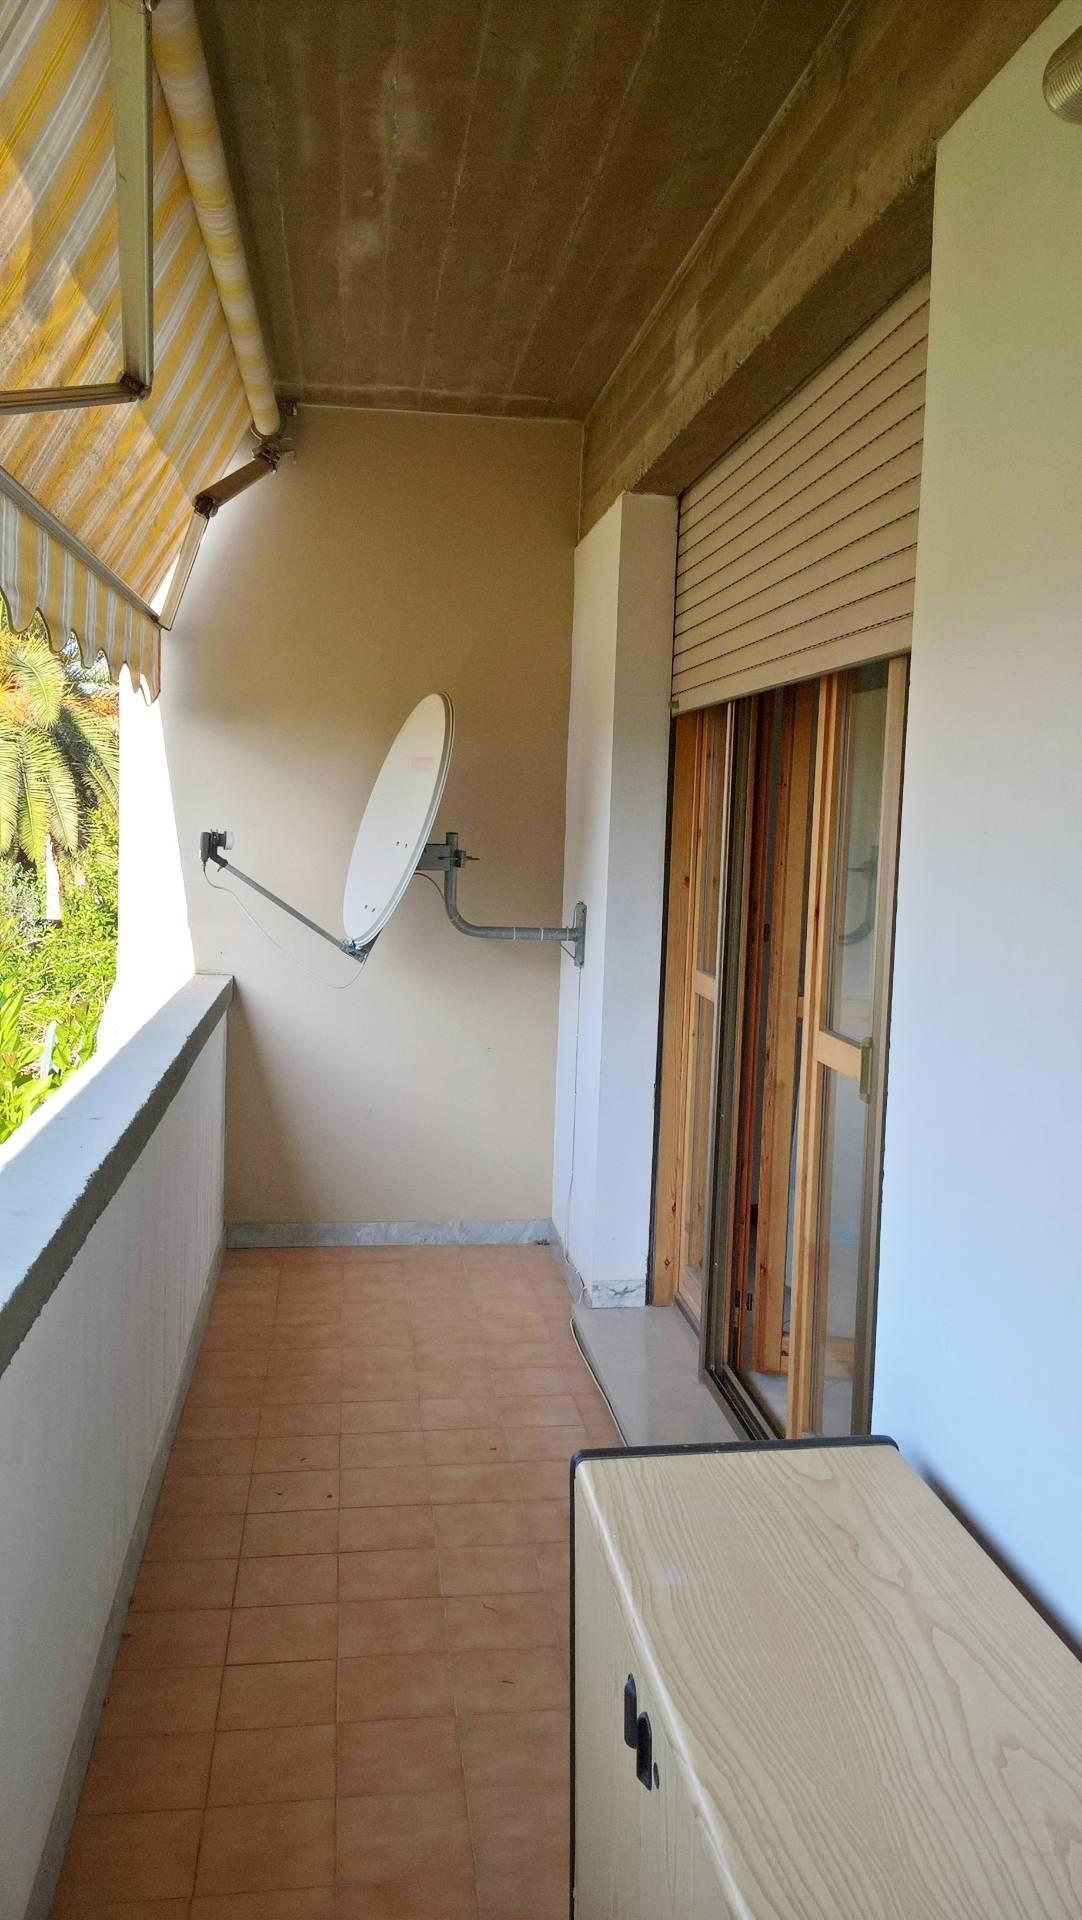 Appartamento in vendita a Calci, 3 locali, zona Località: LaGabella, prezzo € 125.000   Cambio Casa.it